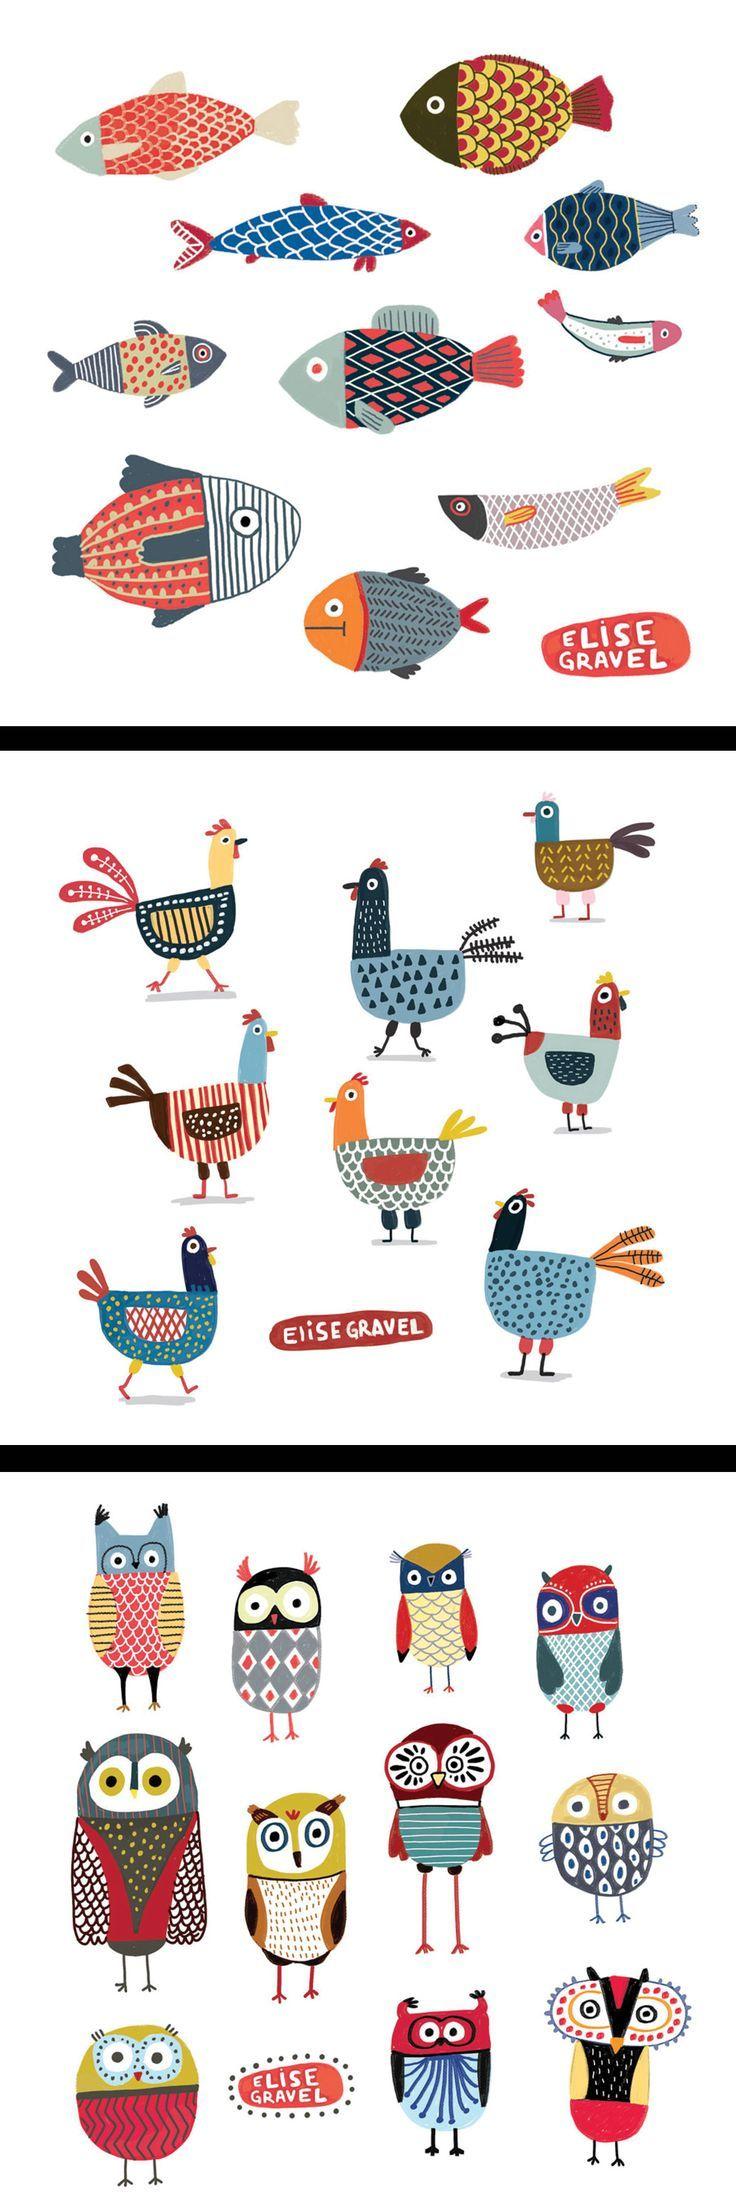 Gallinas, peces y búhos por Elise Gravel